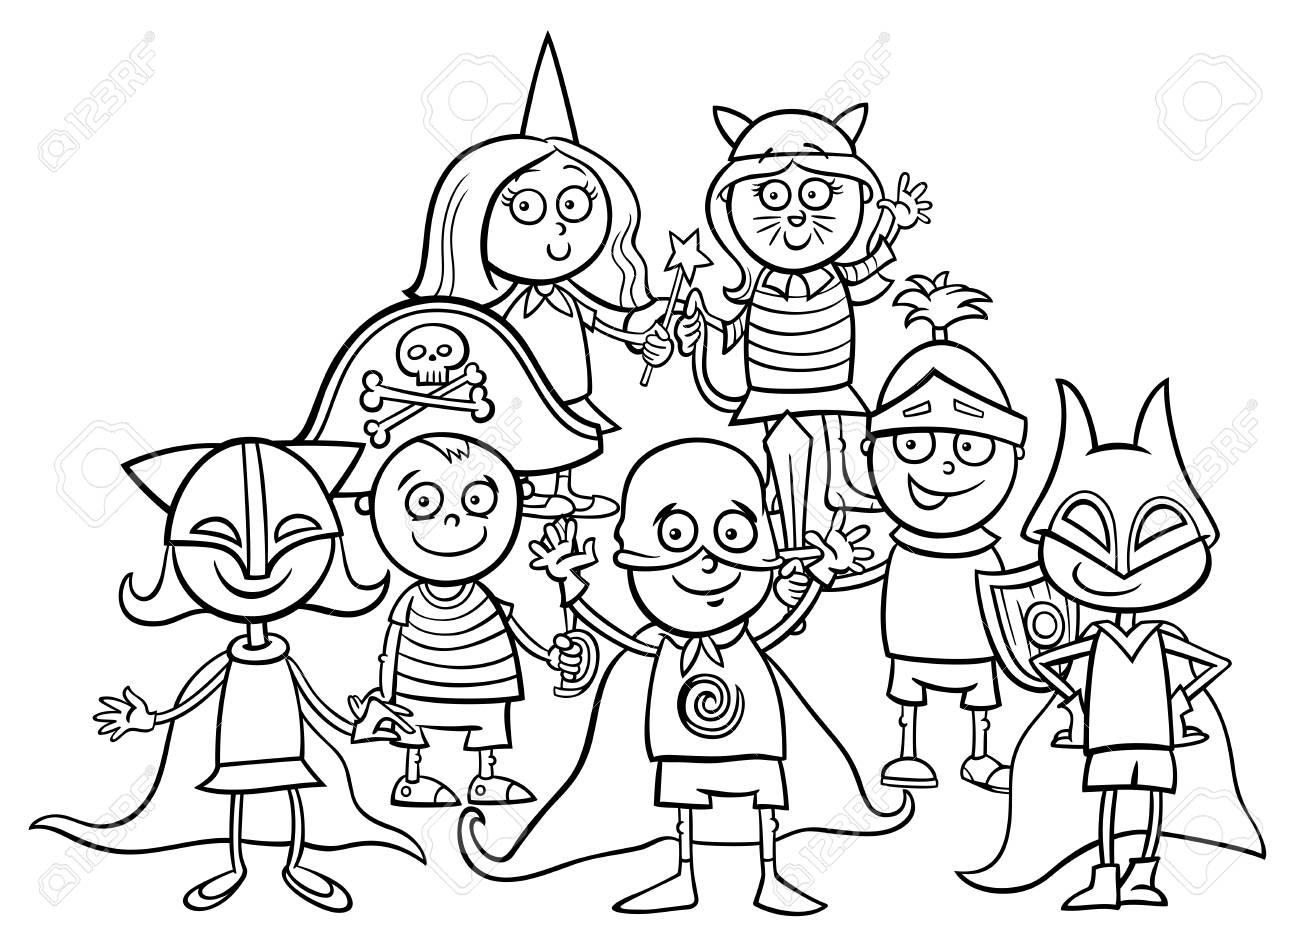 Ilustração Preto E Branco Dos Desenhos Animados De Caráteres Elementares Das Crianças Da Idade No Livro Para Colorir Da Bola Da Máscara